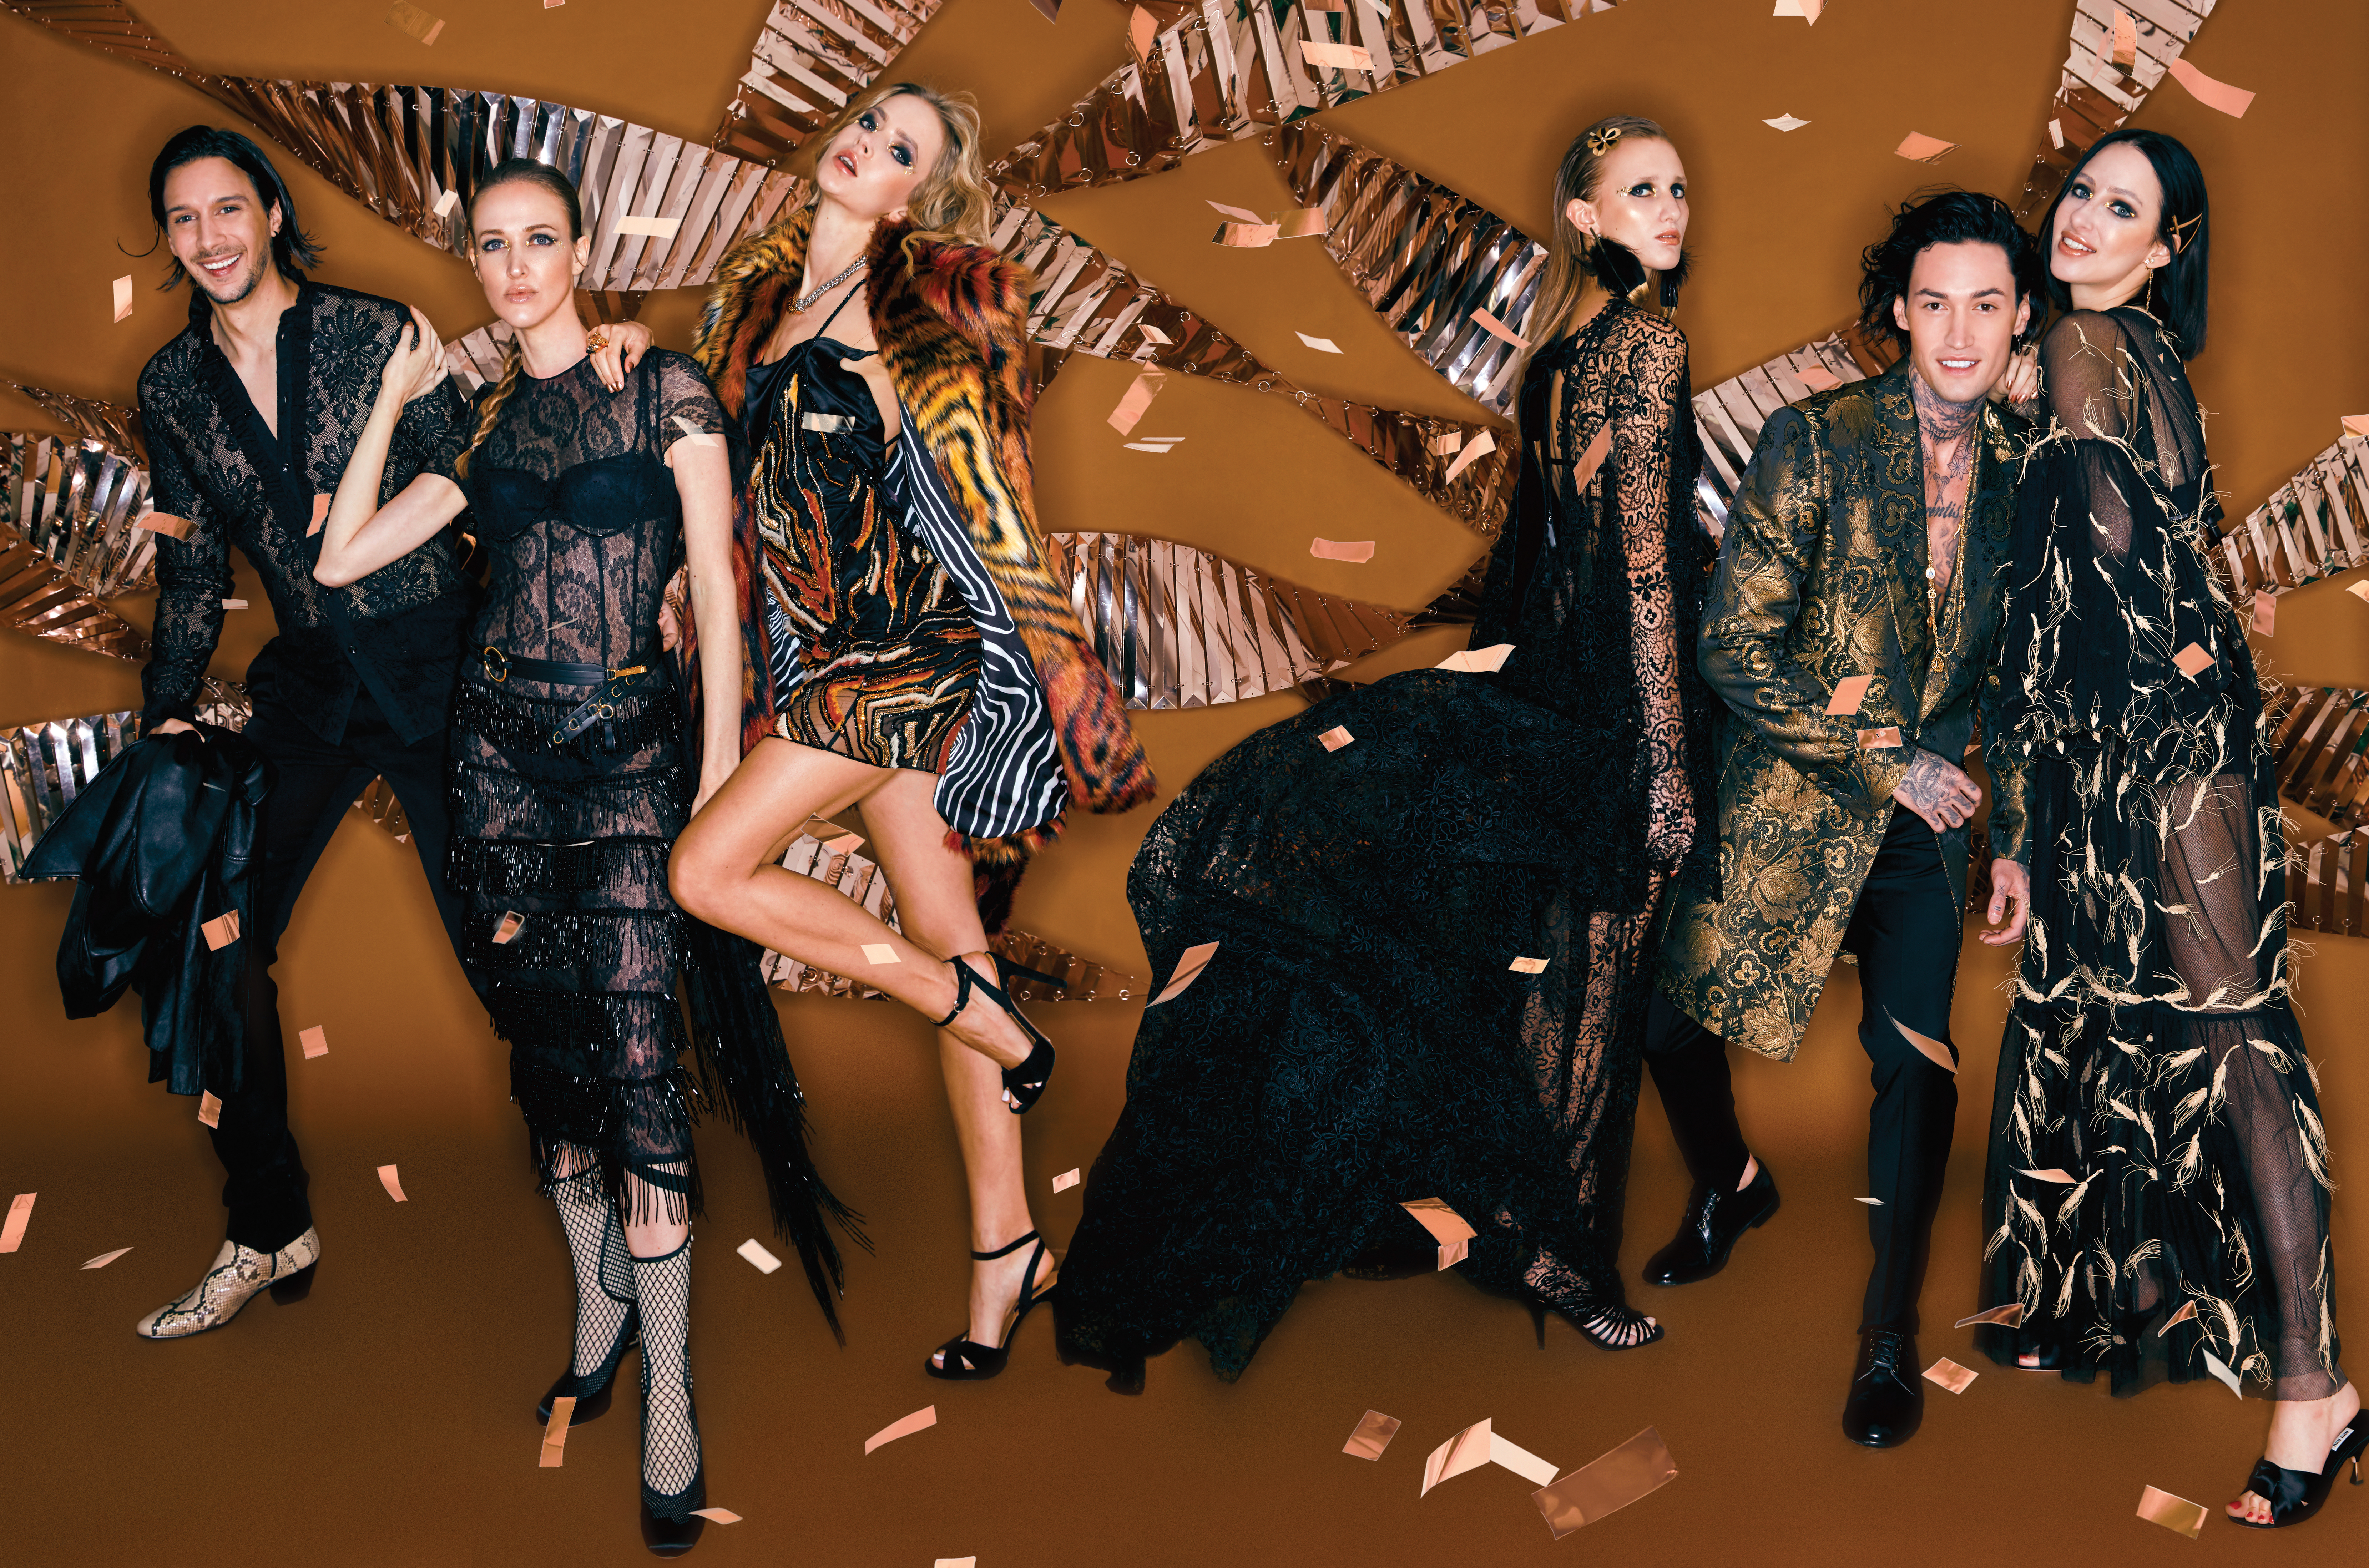 Fashion 2021 Groupshot